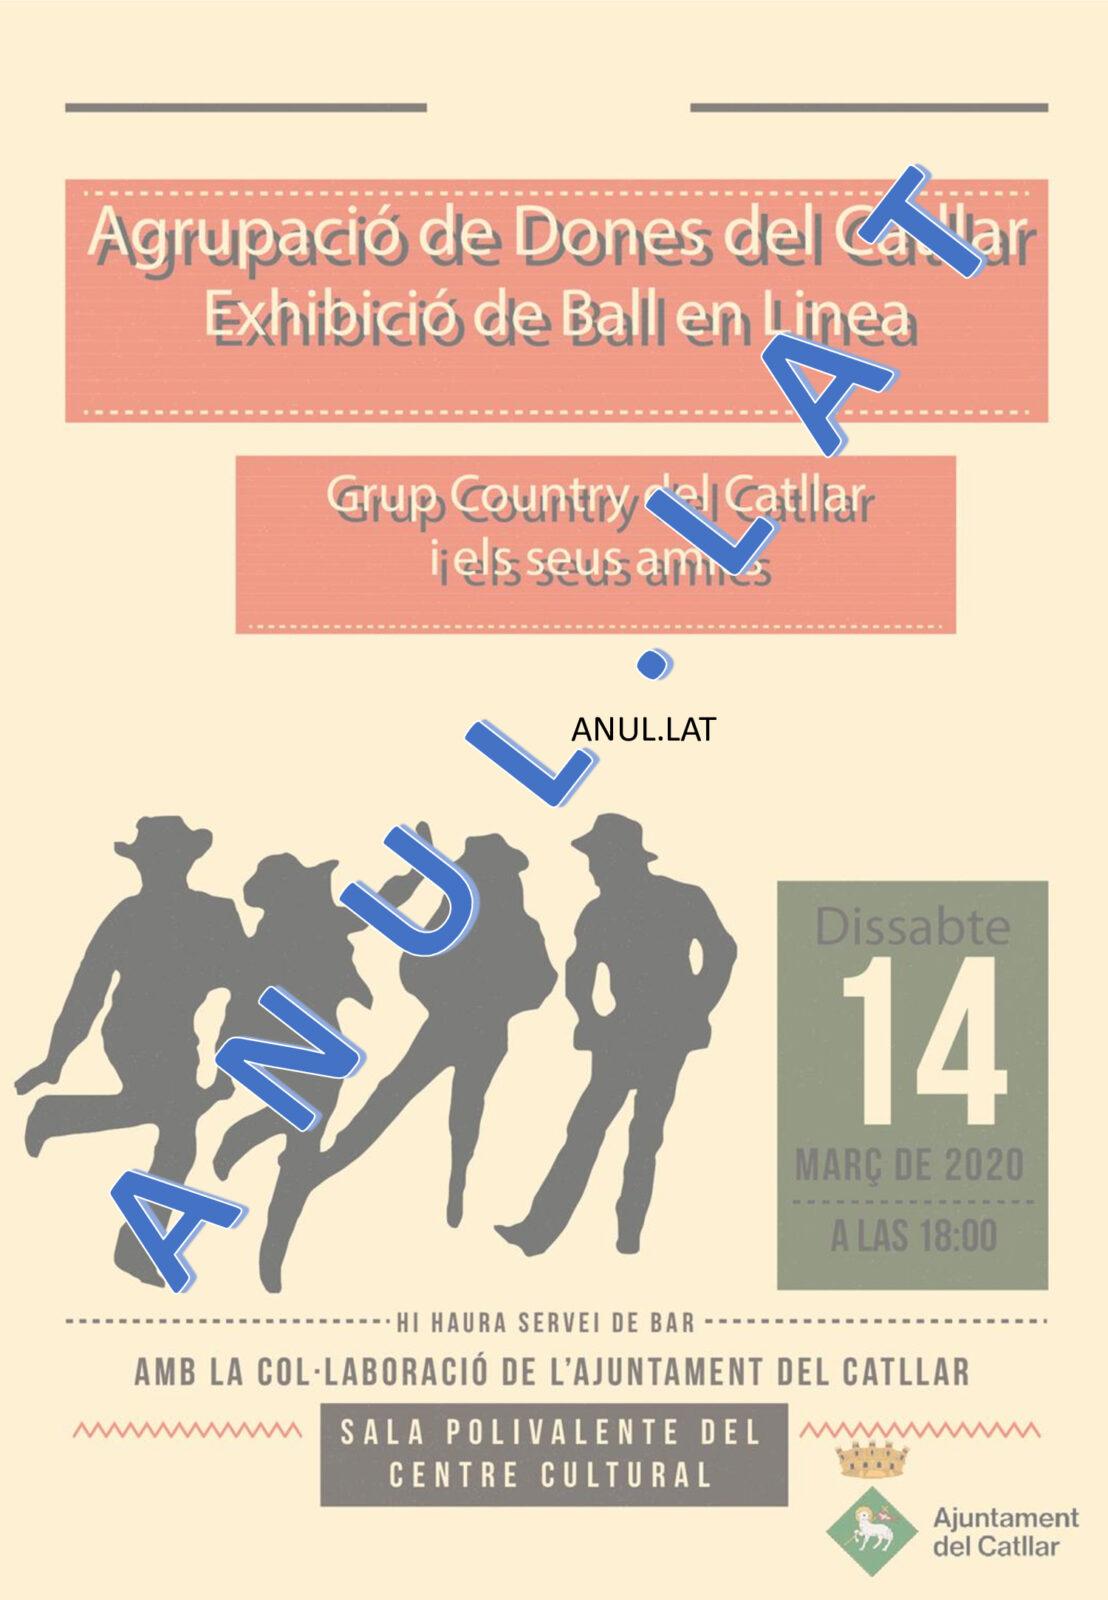 ANUL.LACIÓ EXHIBICIÓ BALL EN LÍNIA